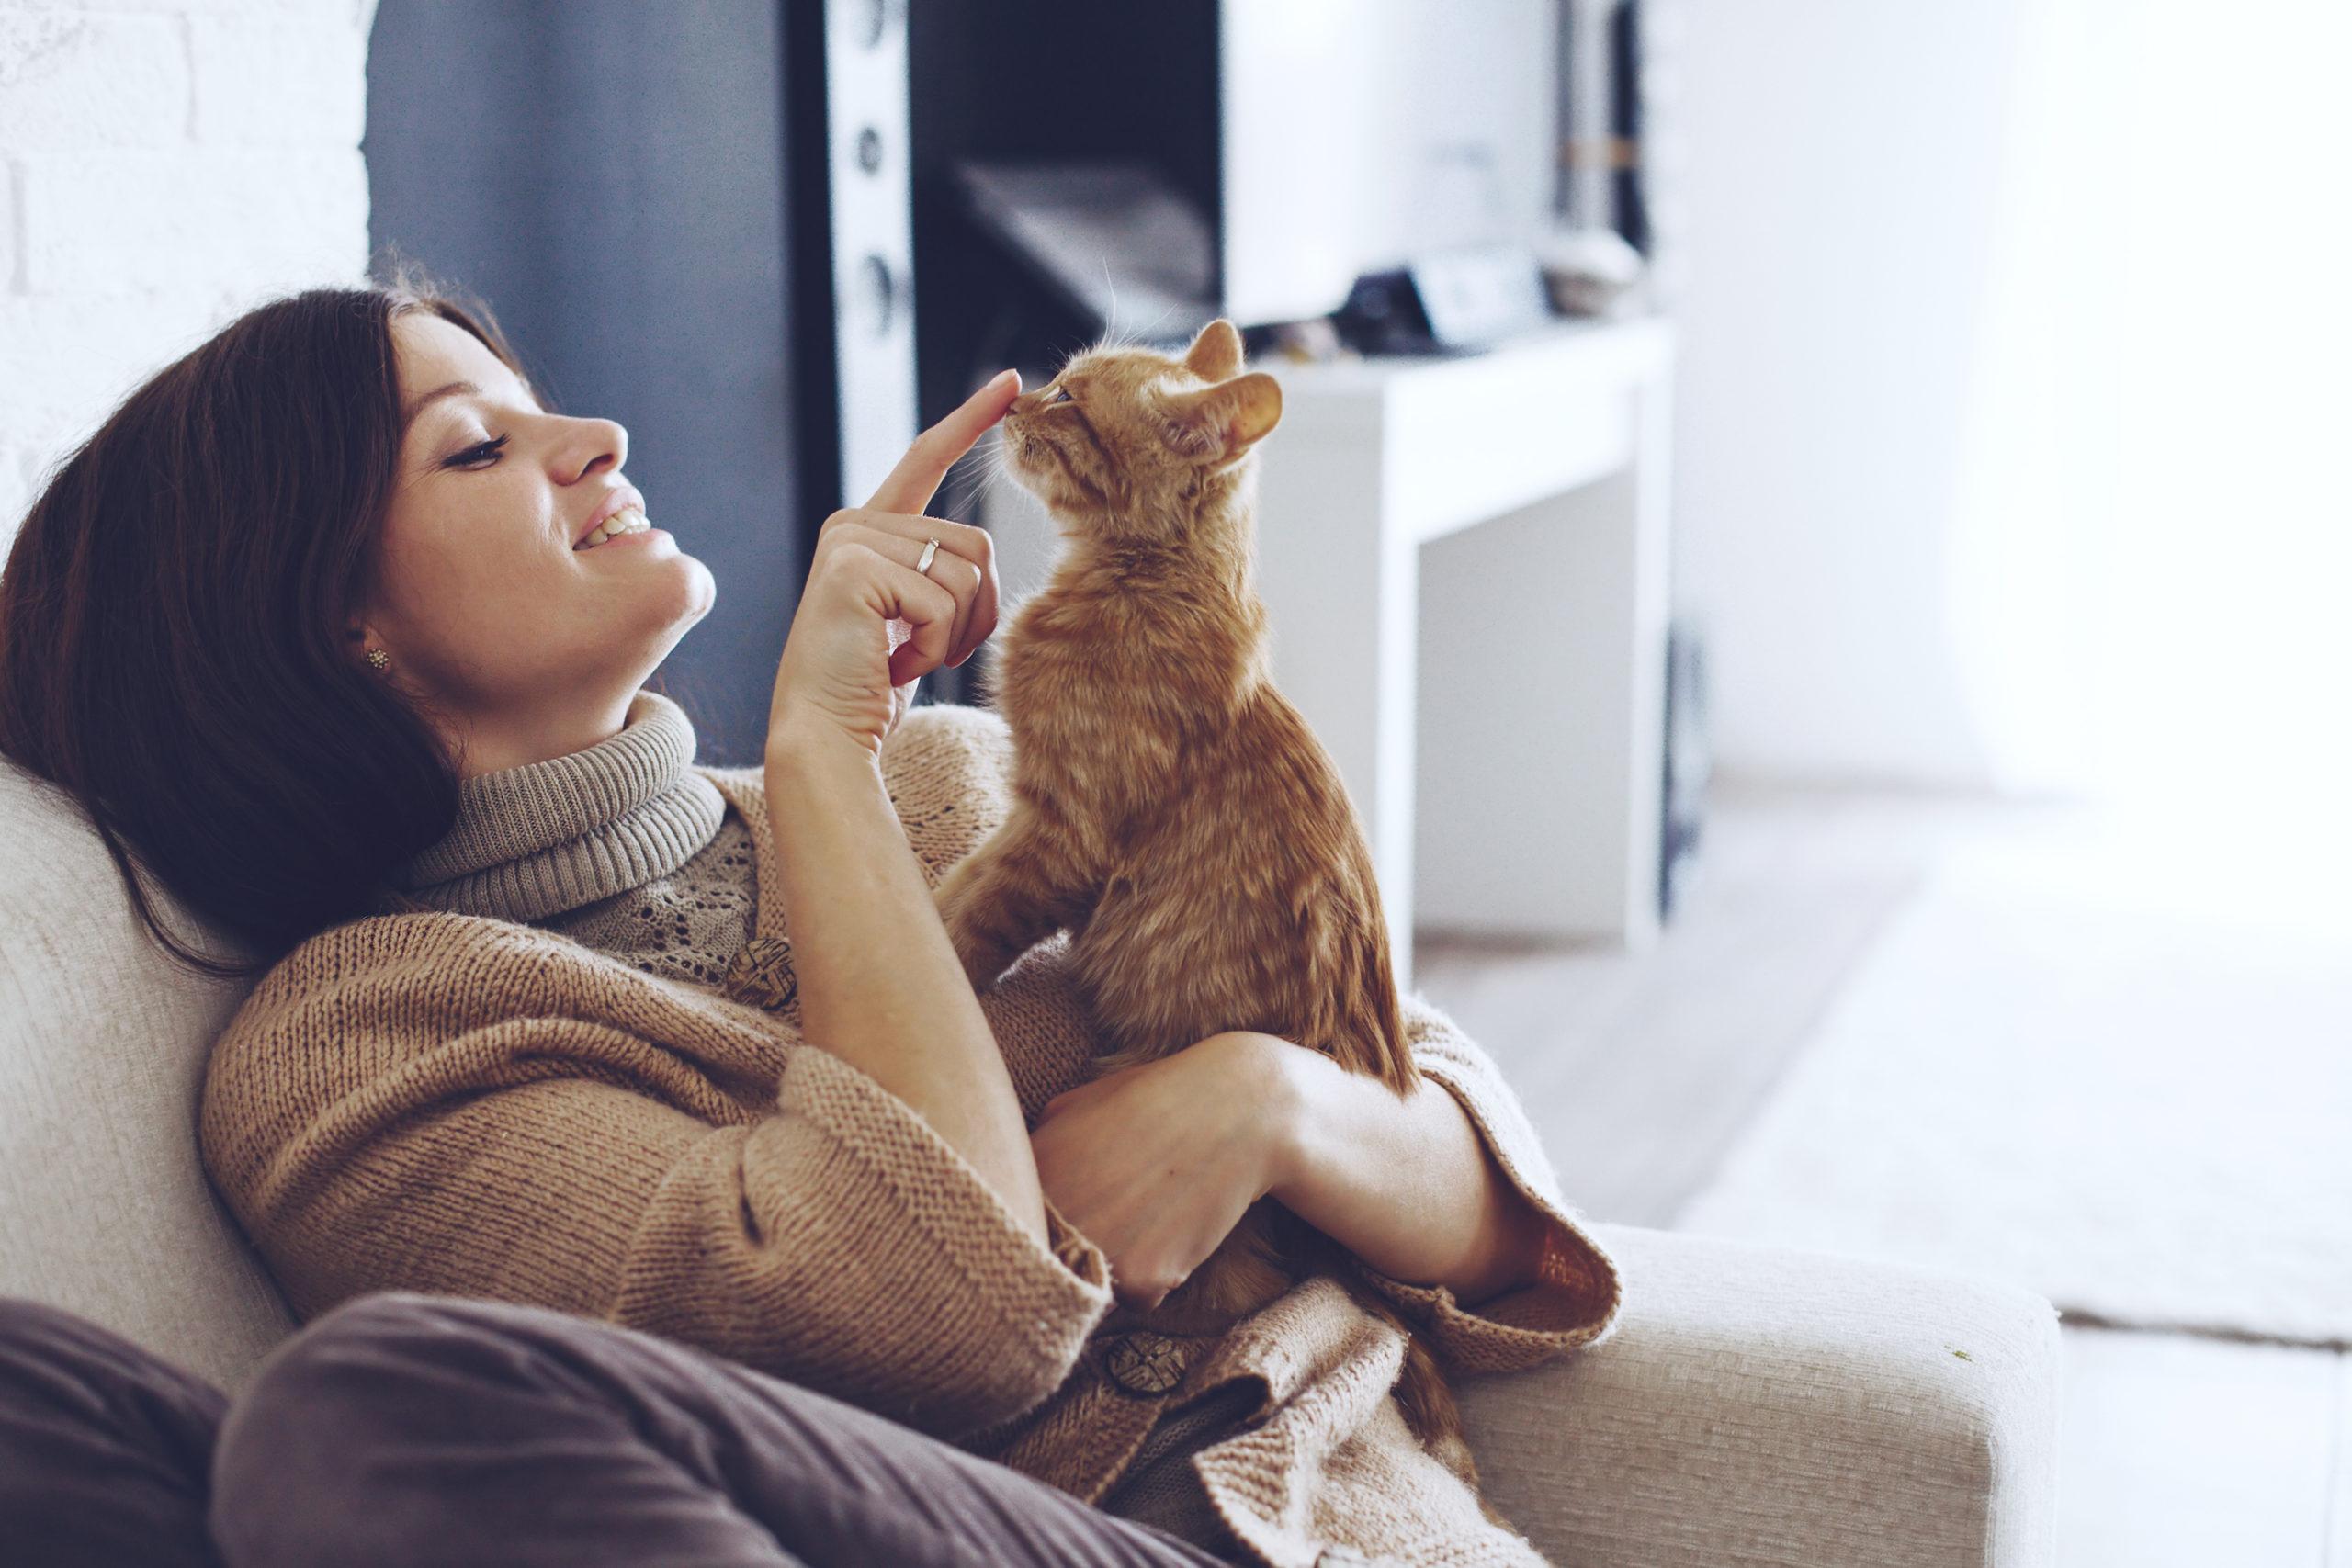 5 Suka Duka Saat Memelihara Kucing, Cat Lovers Wajib Tahu 3